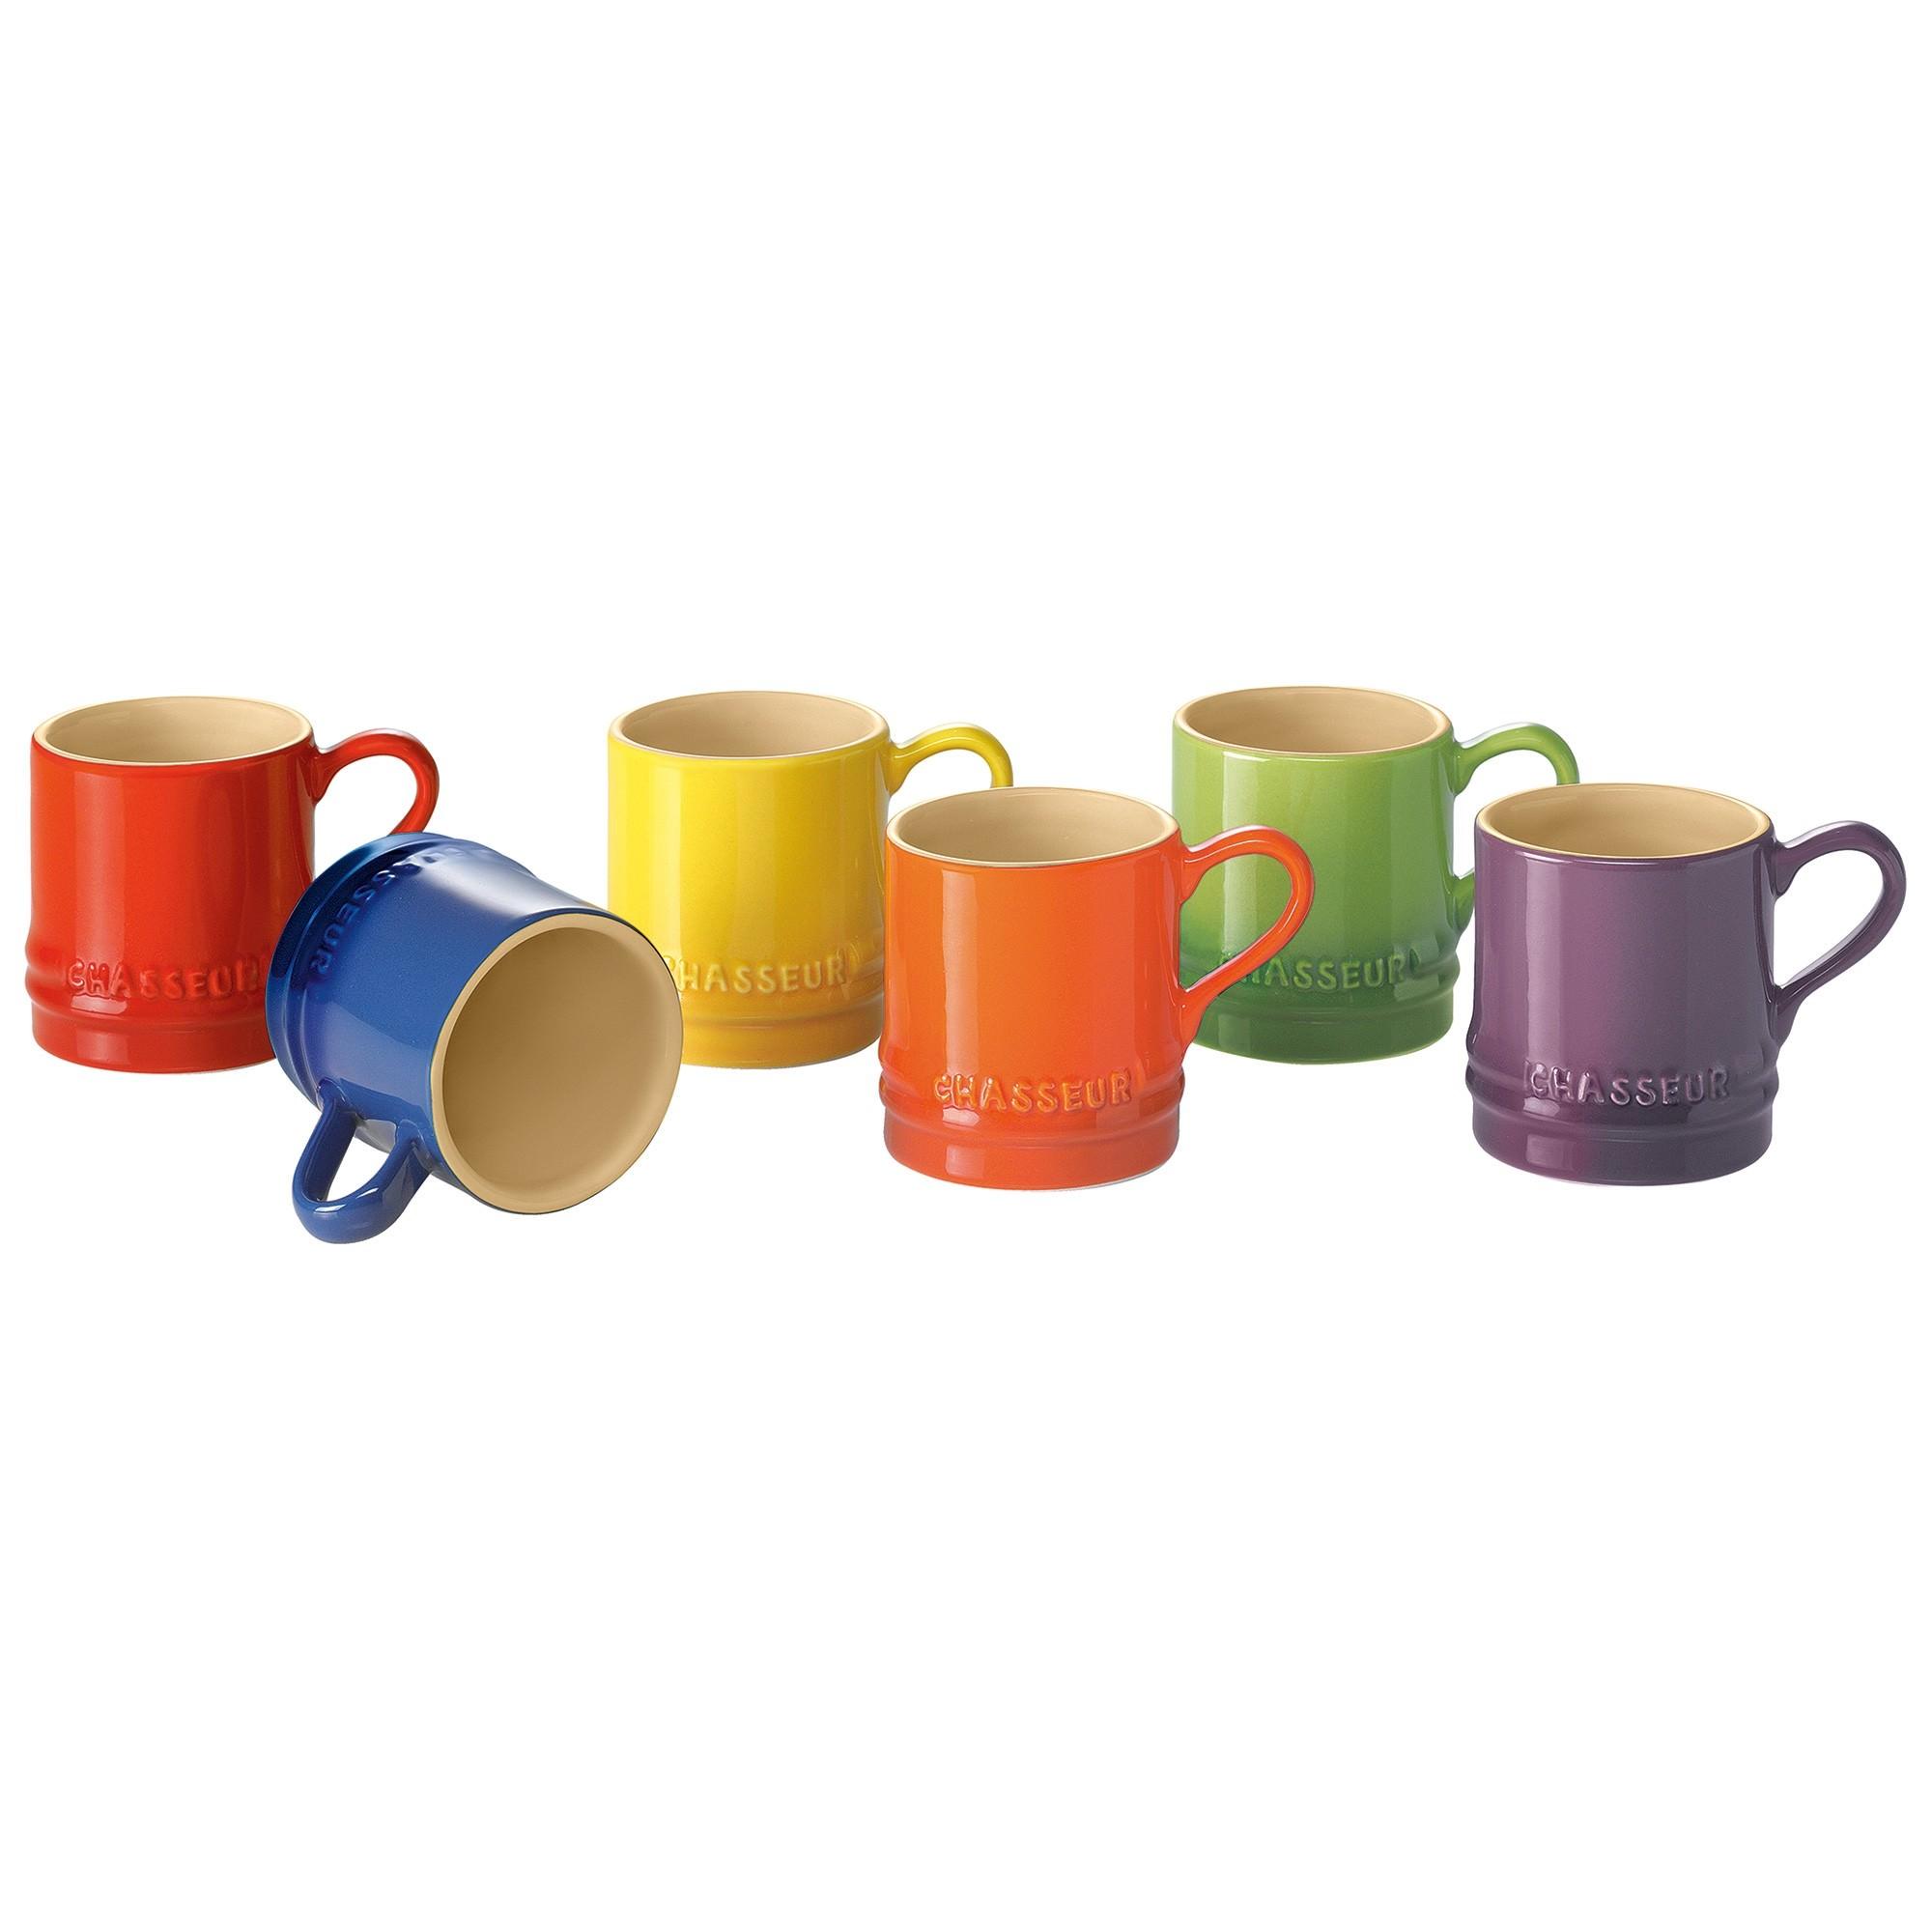 Chasseur La Cuisson 6 Piece 100ml Petit Cup Set - Assorted Colours